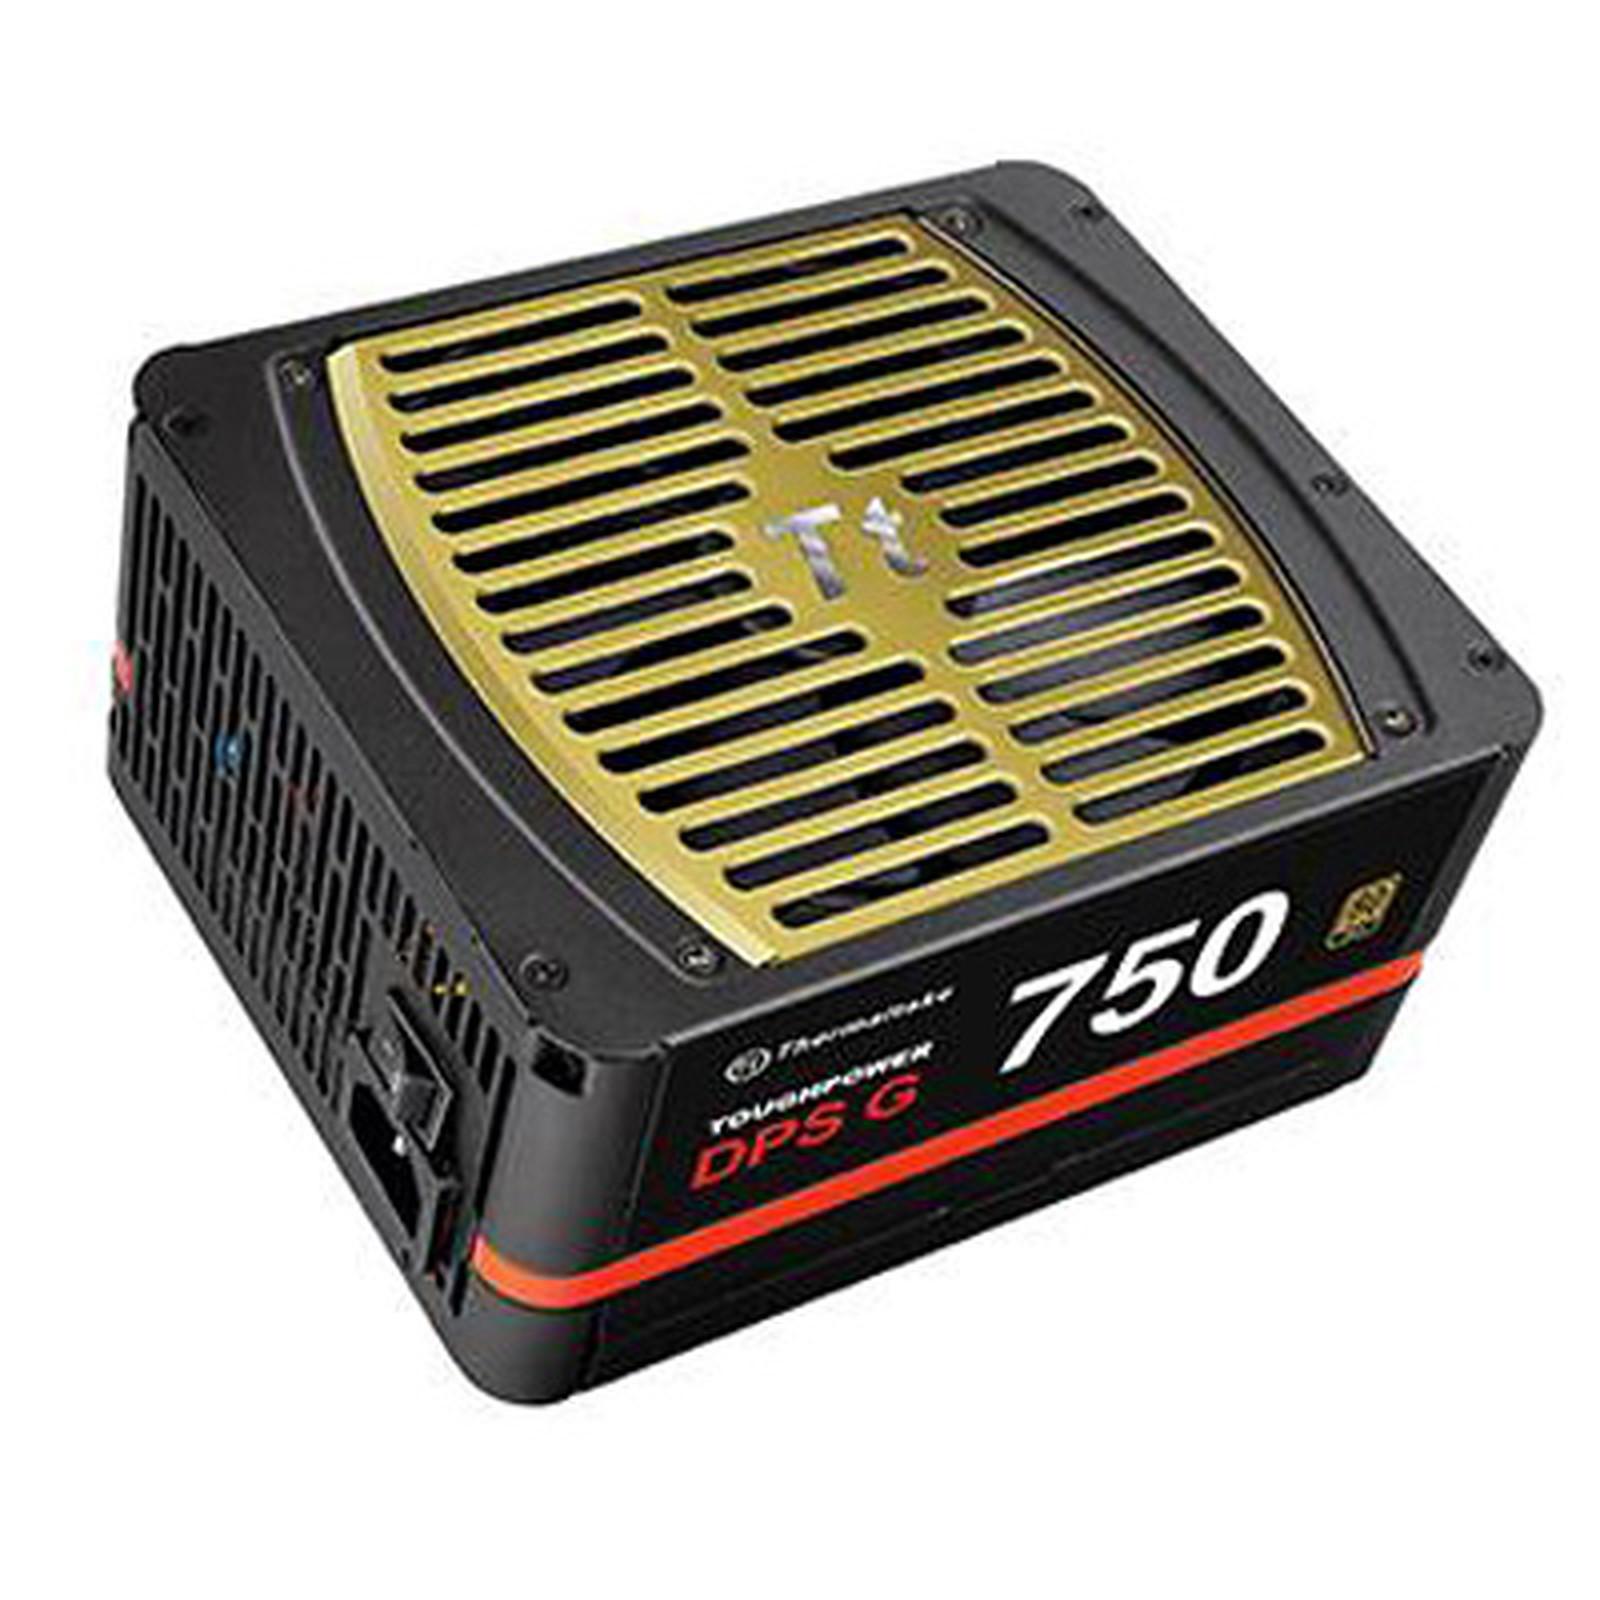 Thermaltake Toughpower DPS G Digital 750W